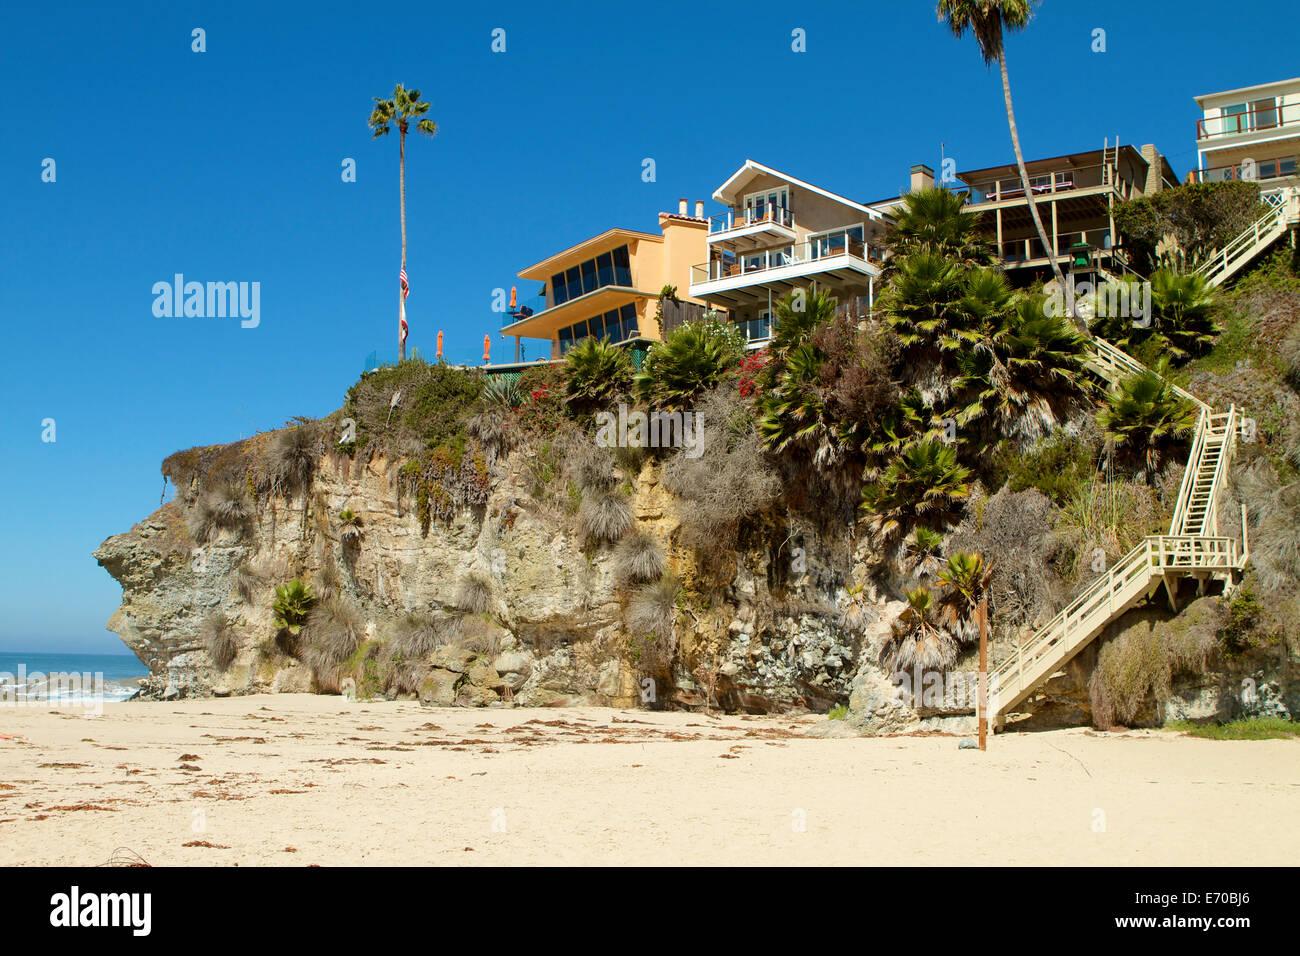 Cliff Top Häuser auf tausend Schritte Beach in Laguna ...  Cliff Top Häus...